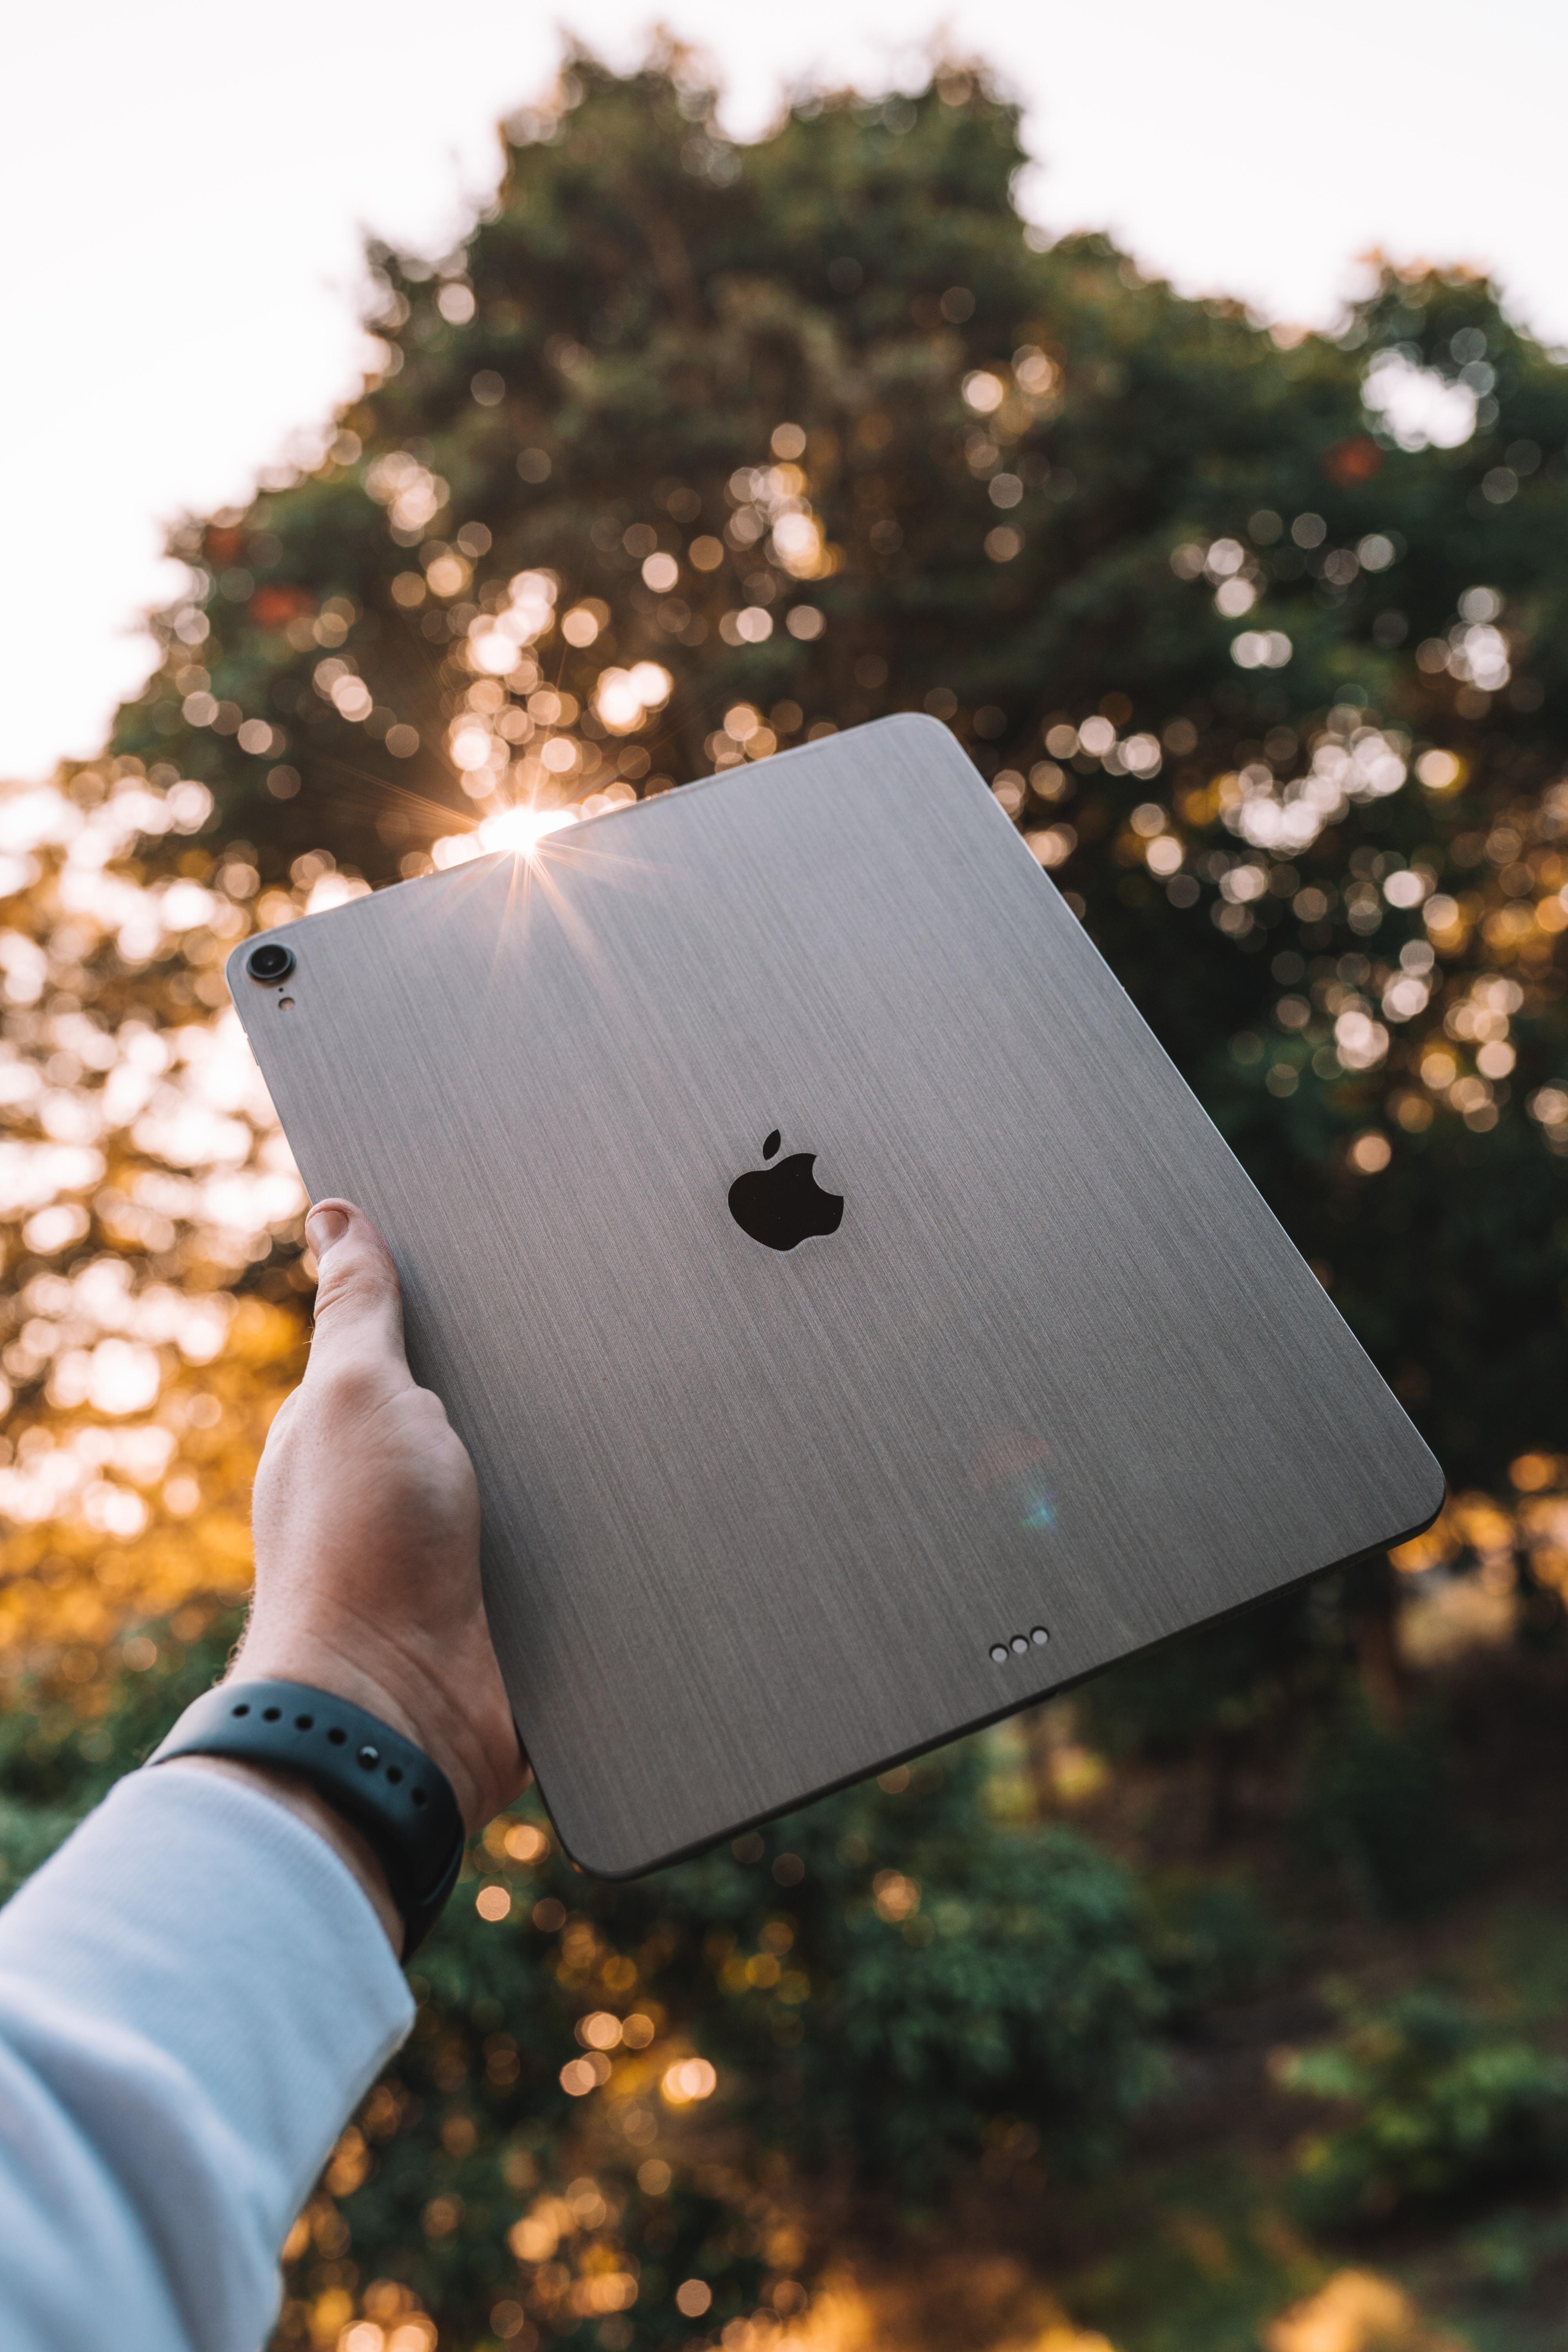 iPad 5th Generation Screen Repair